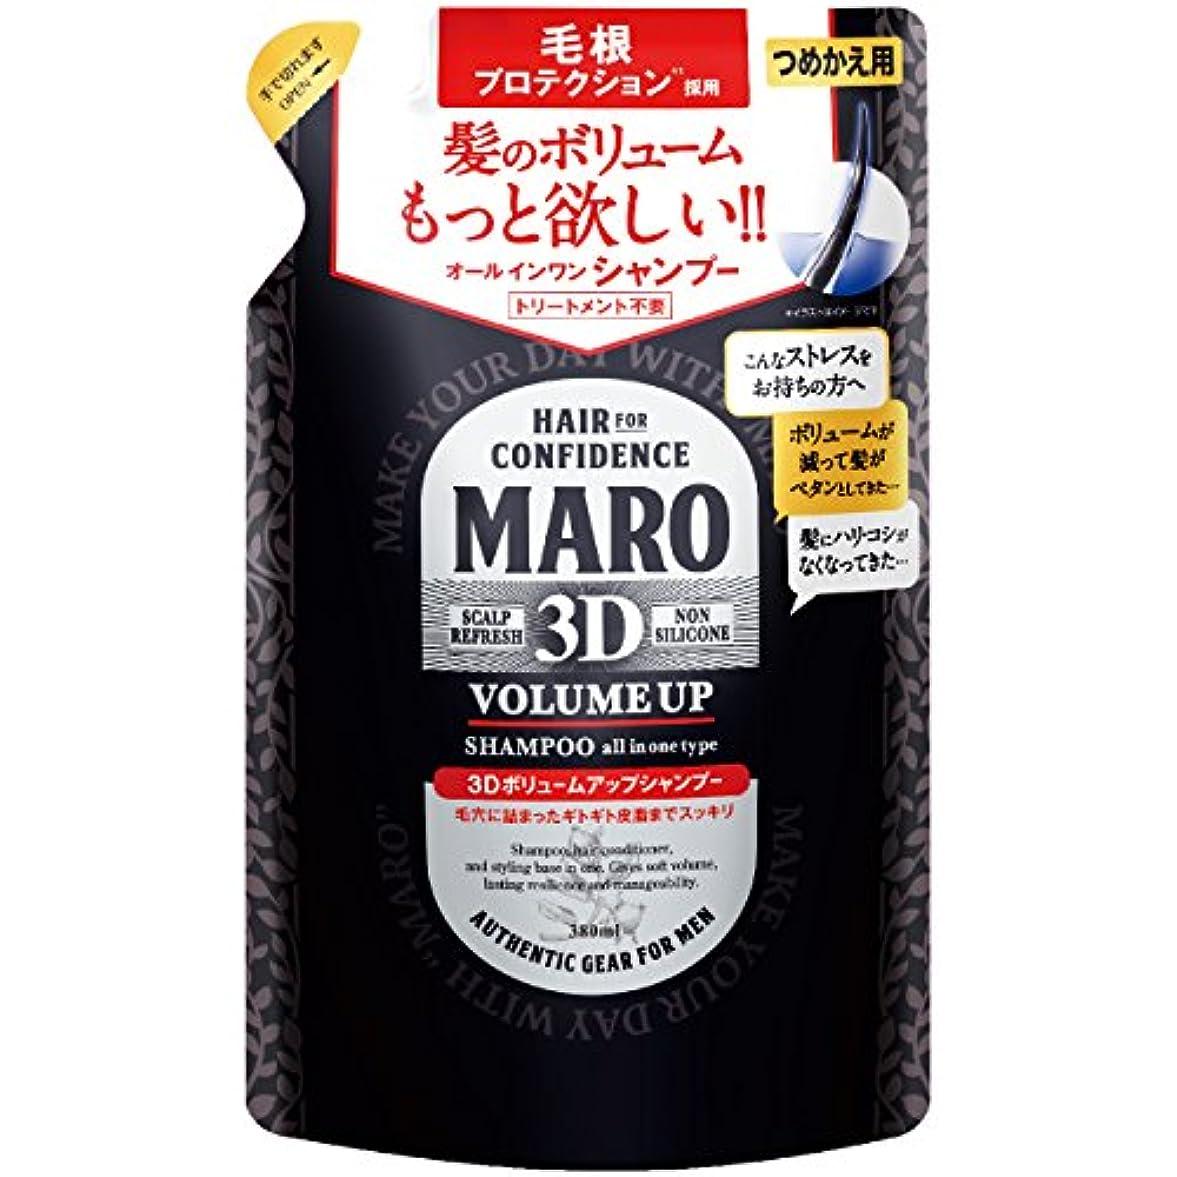 パズル悪意のある味付けMARO 3Dボリュームアップ シャンプー EX 詰め替え 380ml